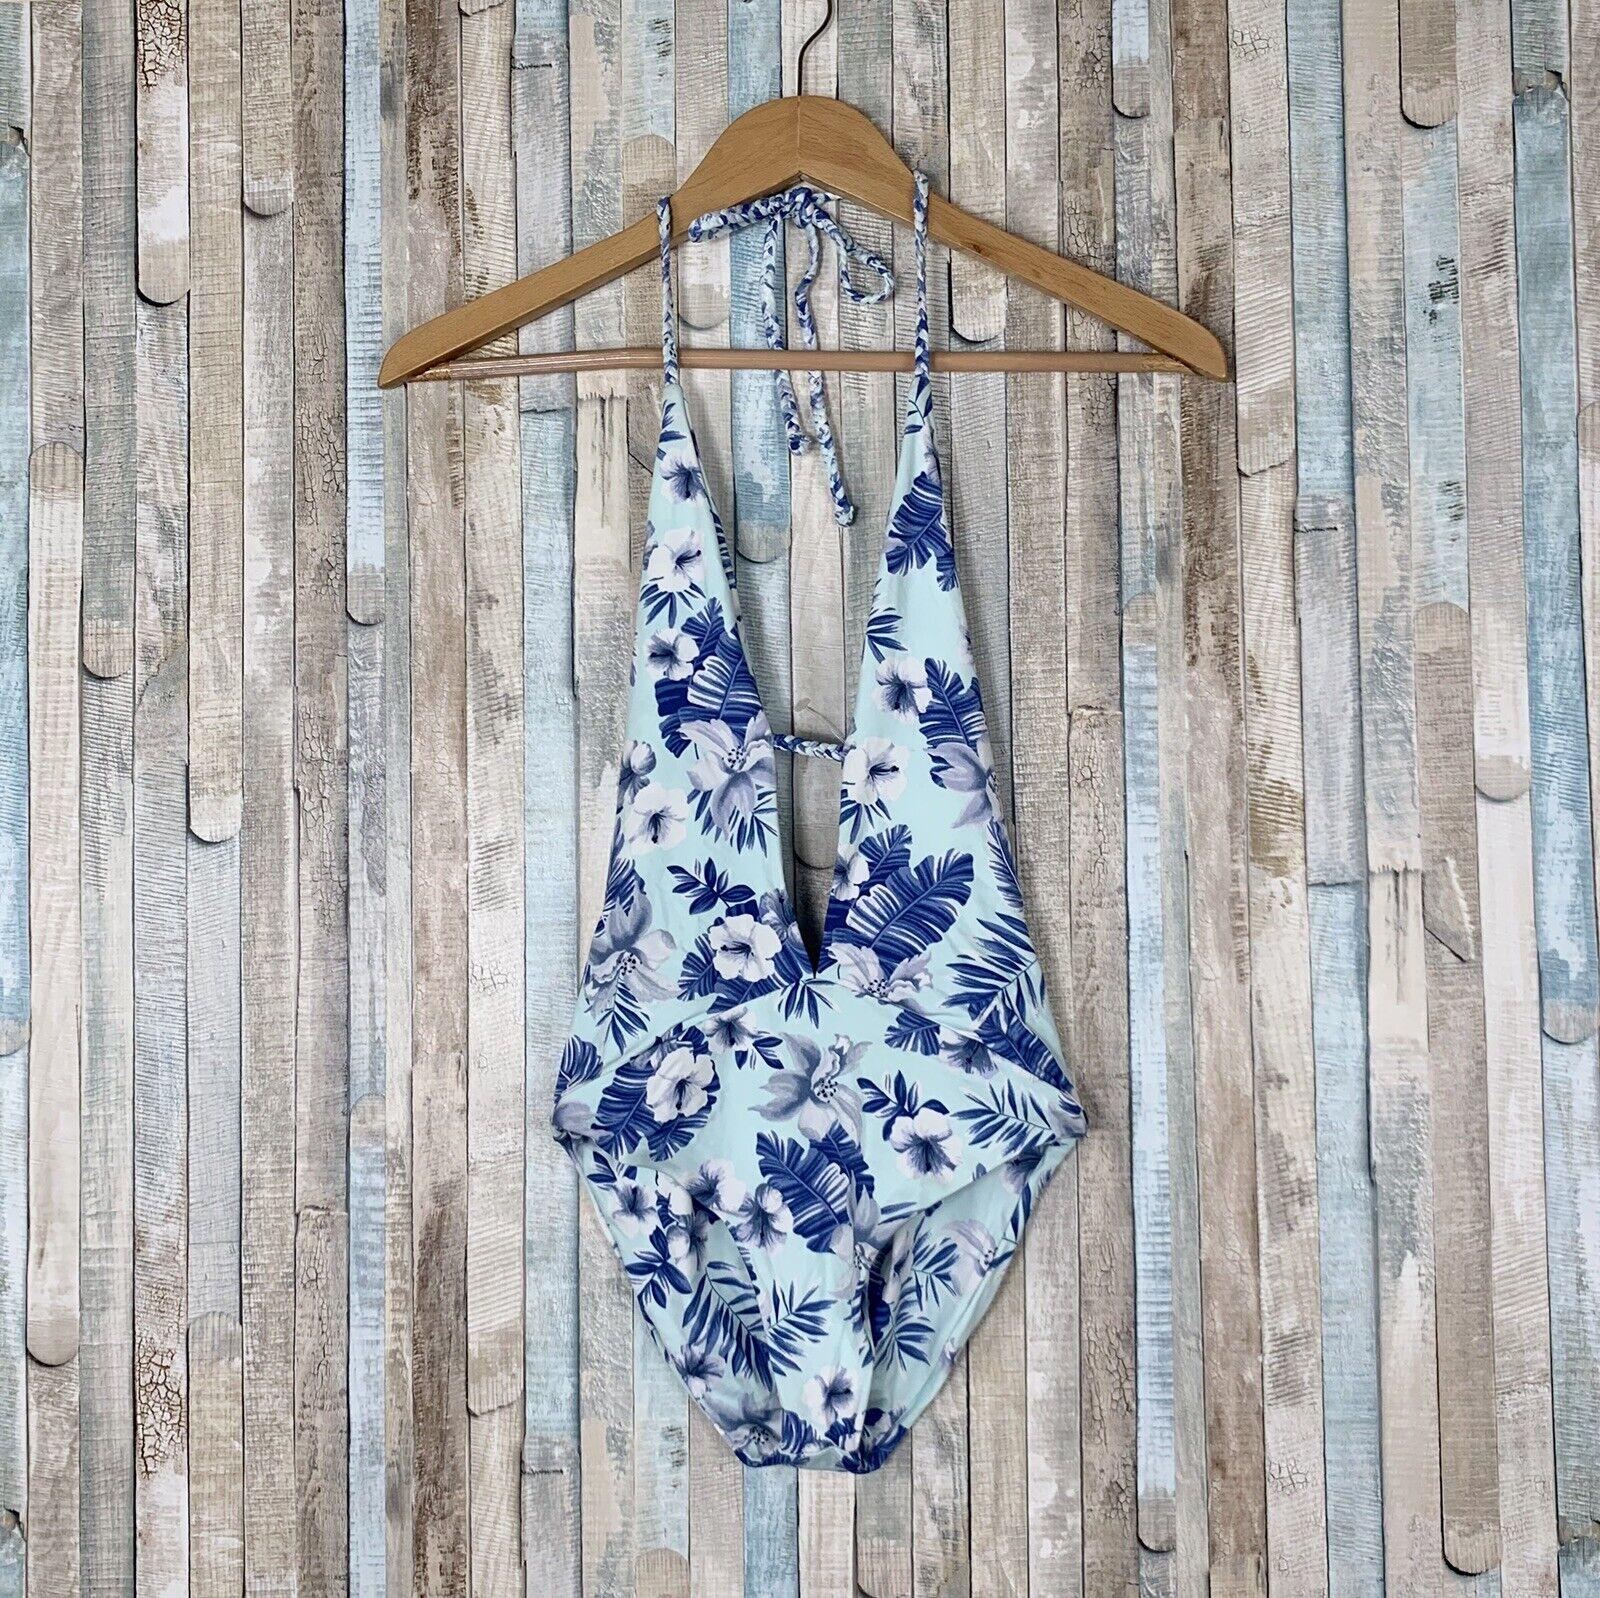 Nouveau Frankies Bikinis L Imprimé Floral Dos Nu plongeant Lily One Piece maillot de bain Blau